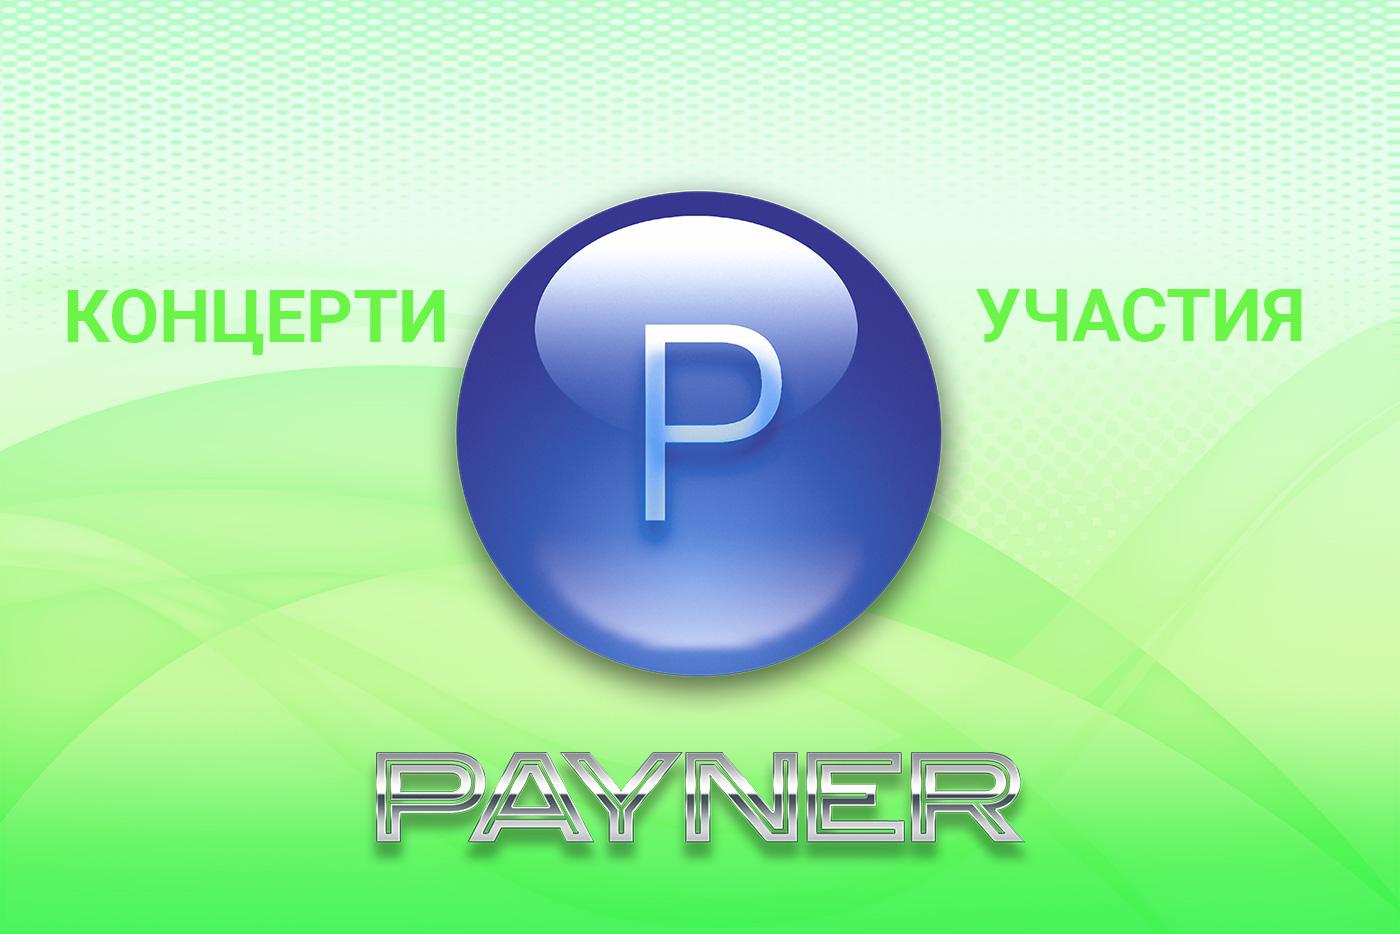 """Участия на звездите на """"Пайнер"""" на 08.11.2018"""